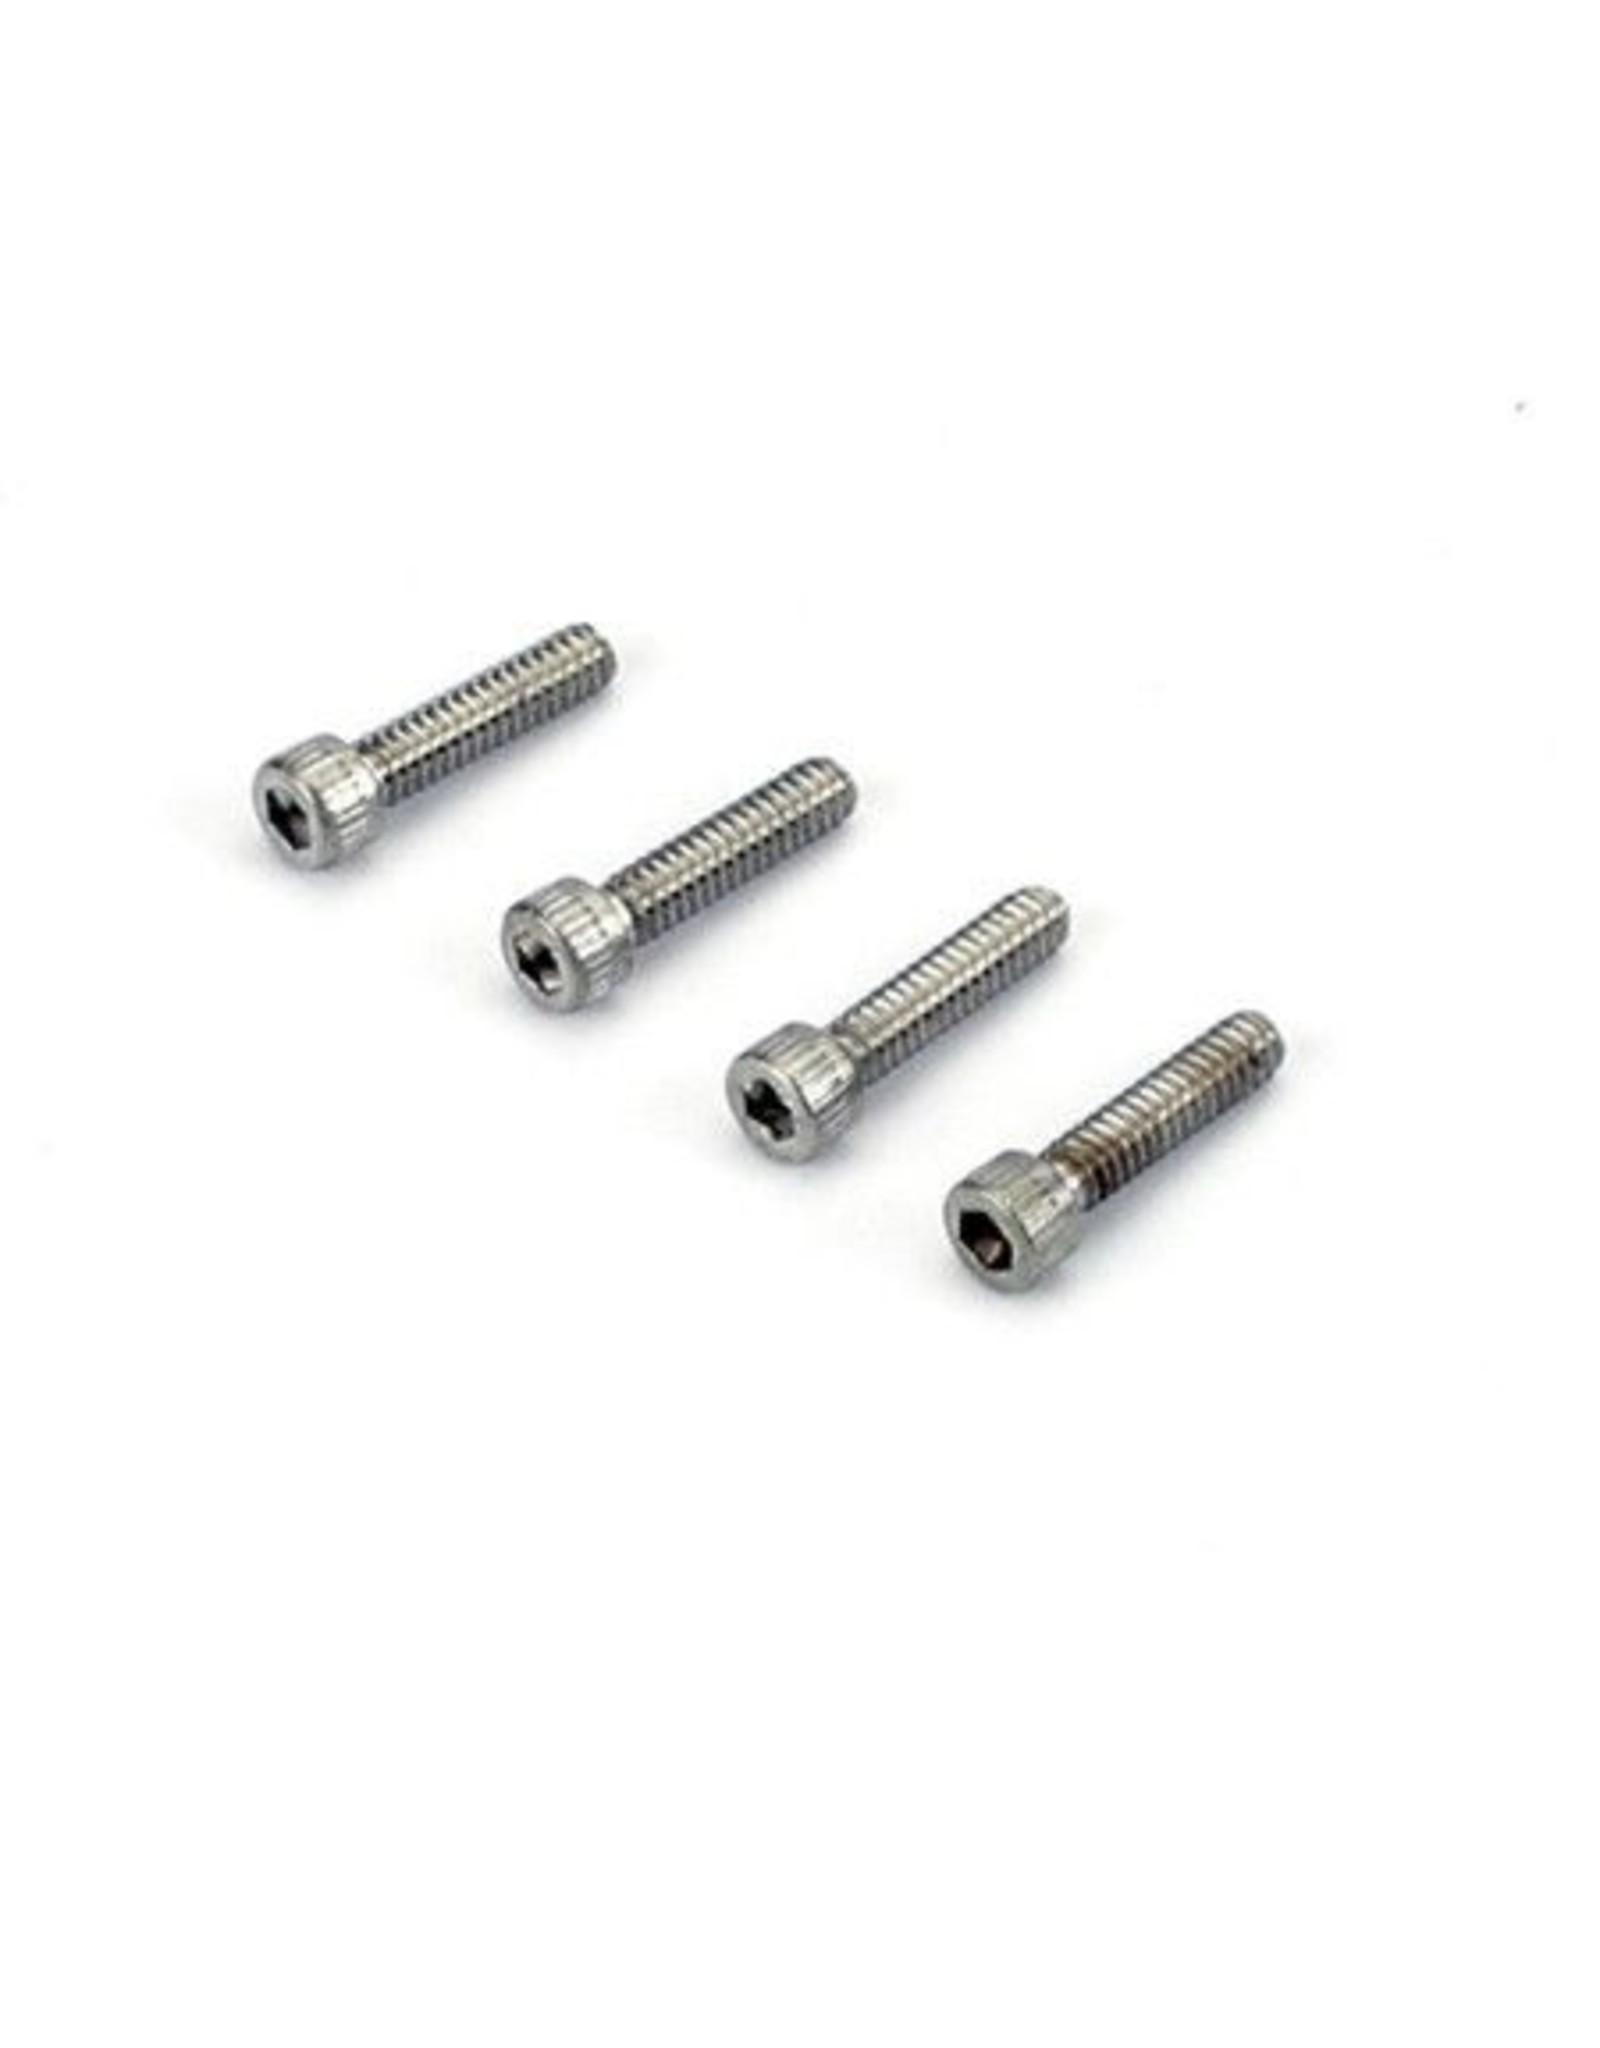 Dubro 3115 - Stainless Steel Socket Head Cap Screws 4-40 x 1/2